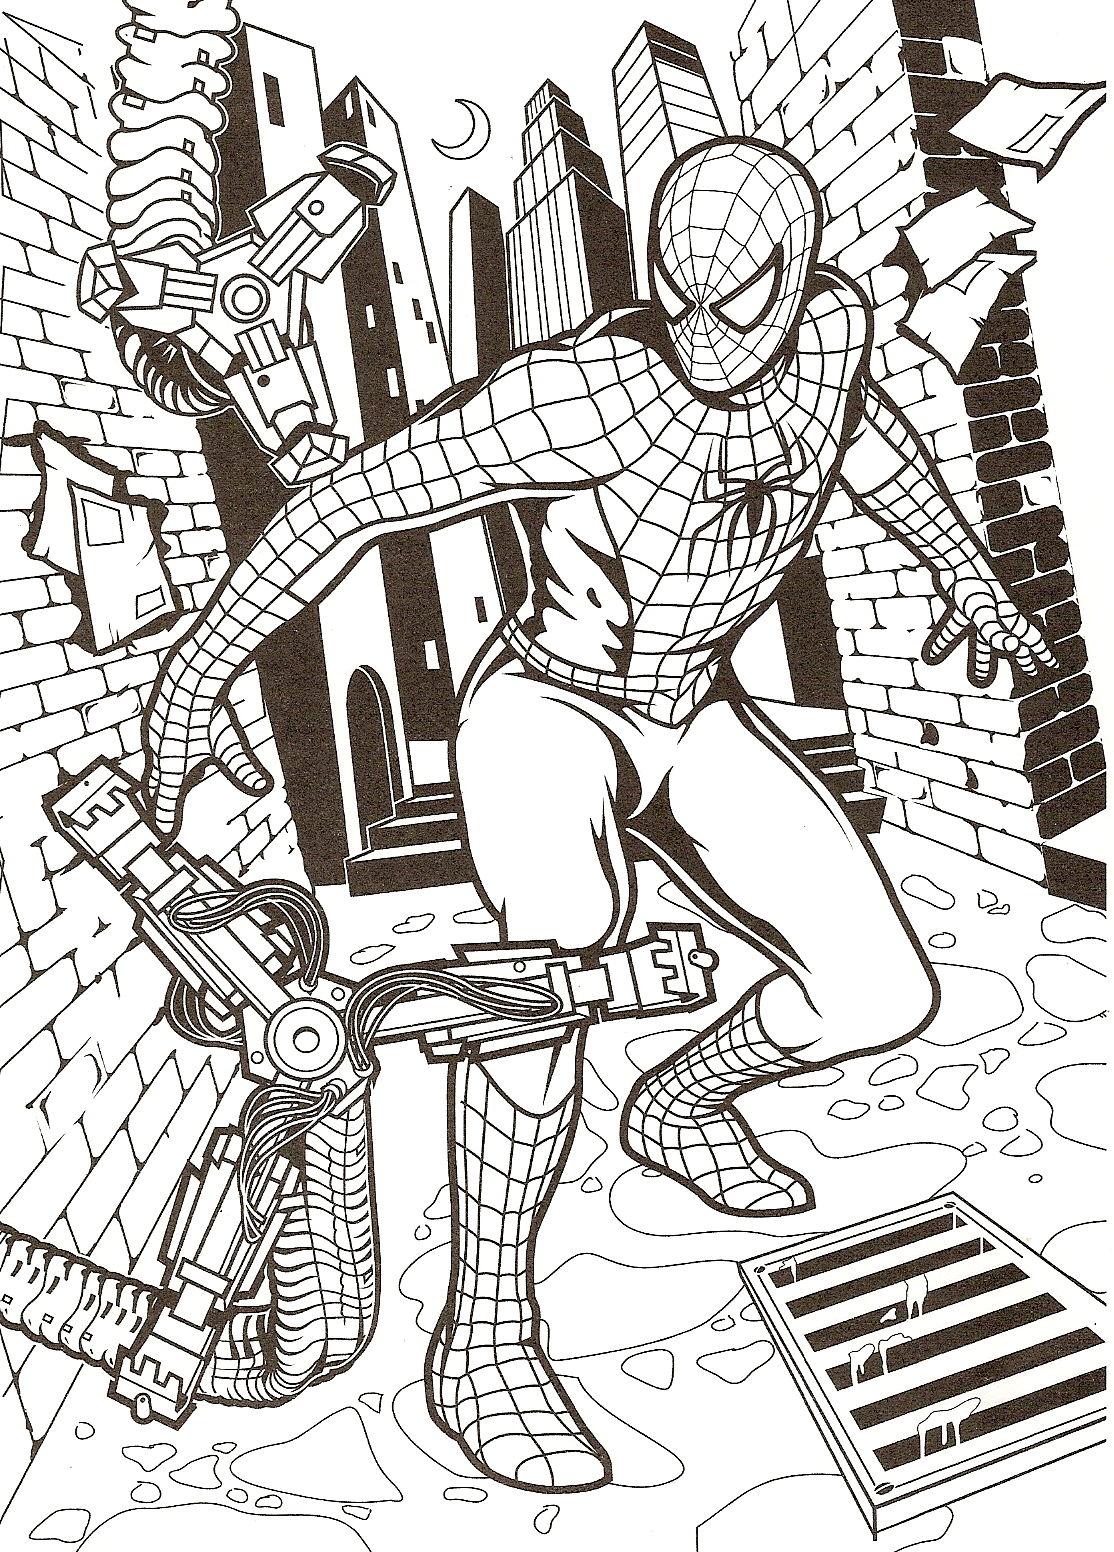 167 Dibujos De Spiderman Para Colorear Oh Kids Page 1